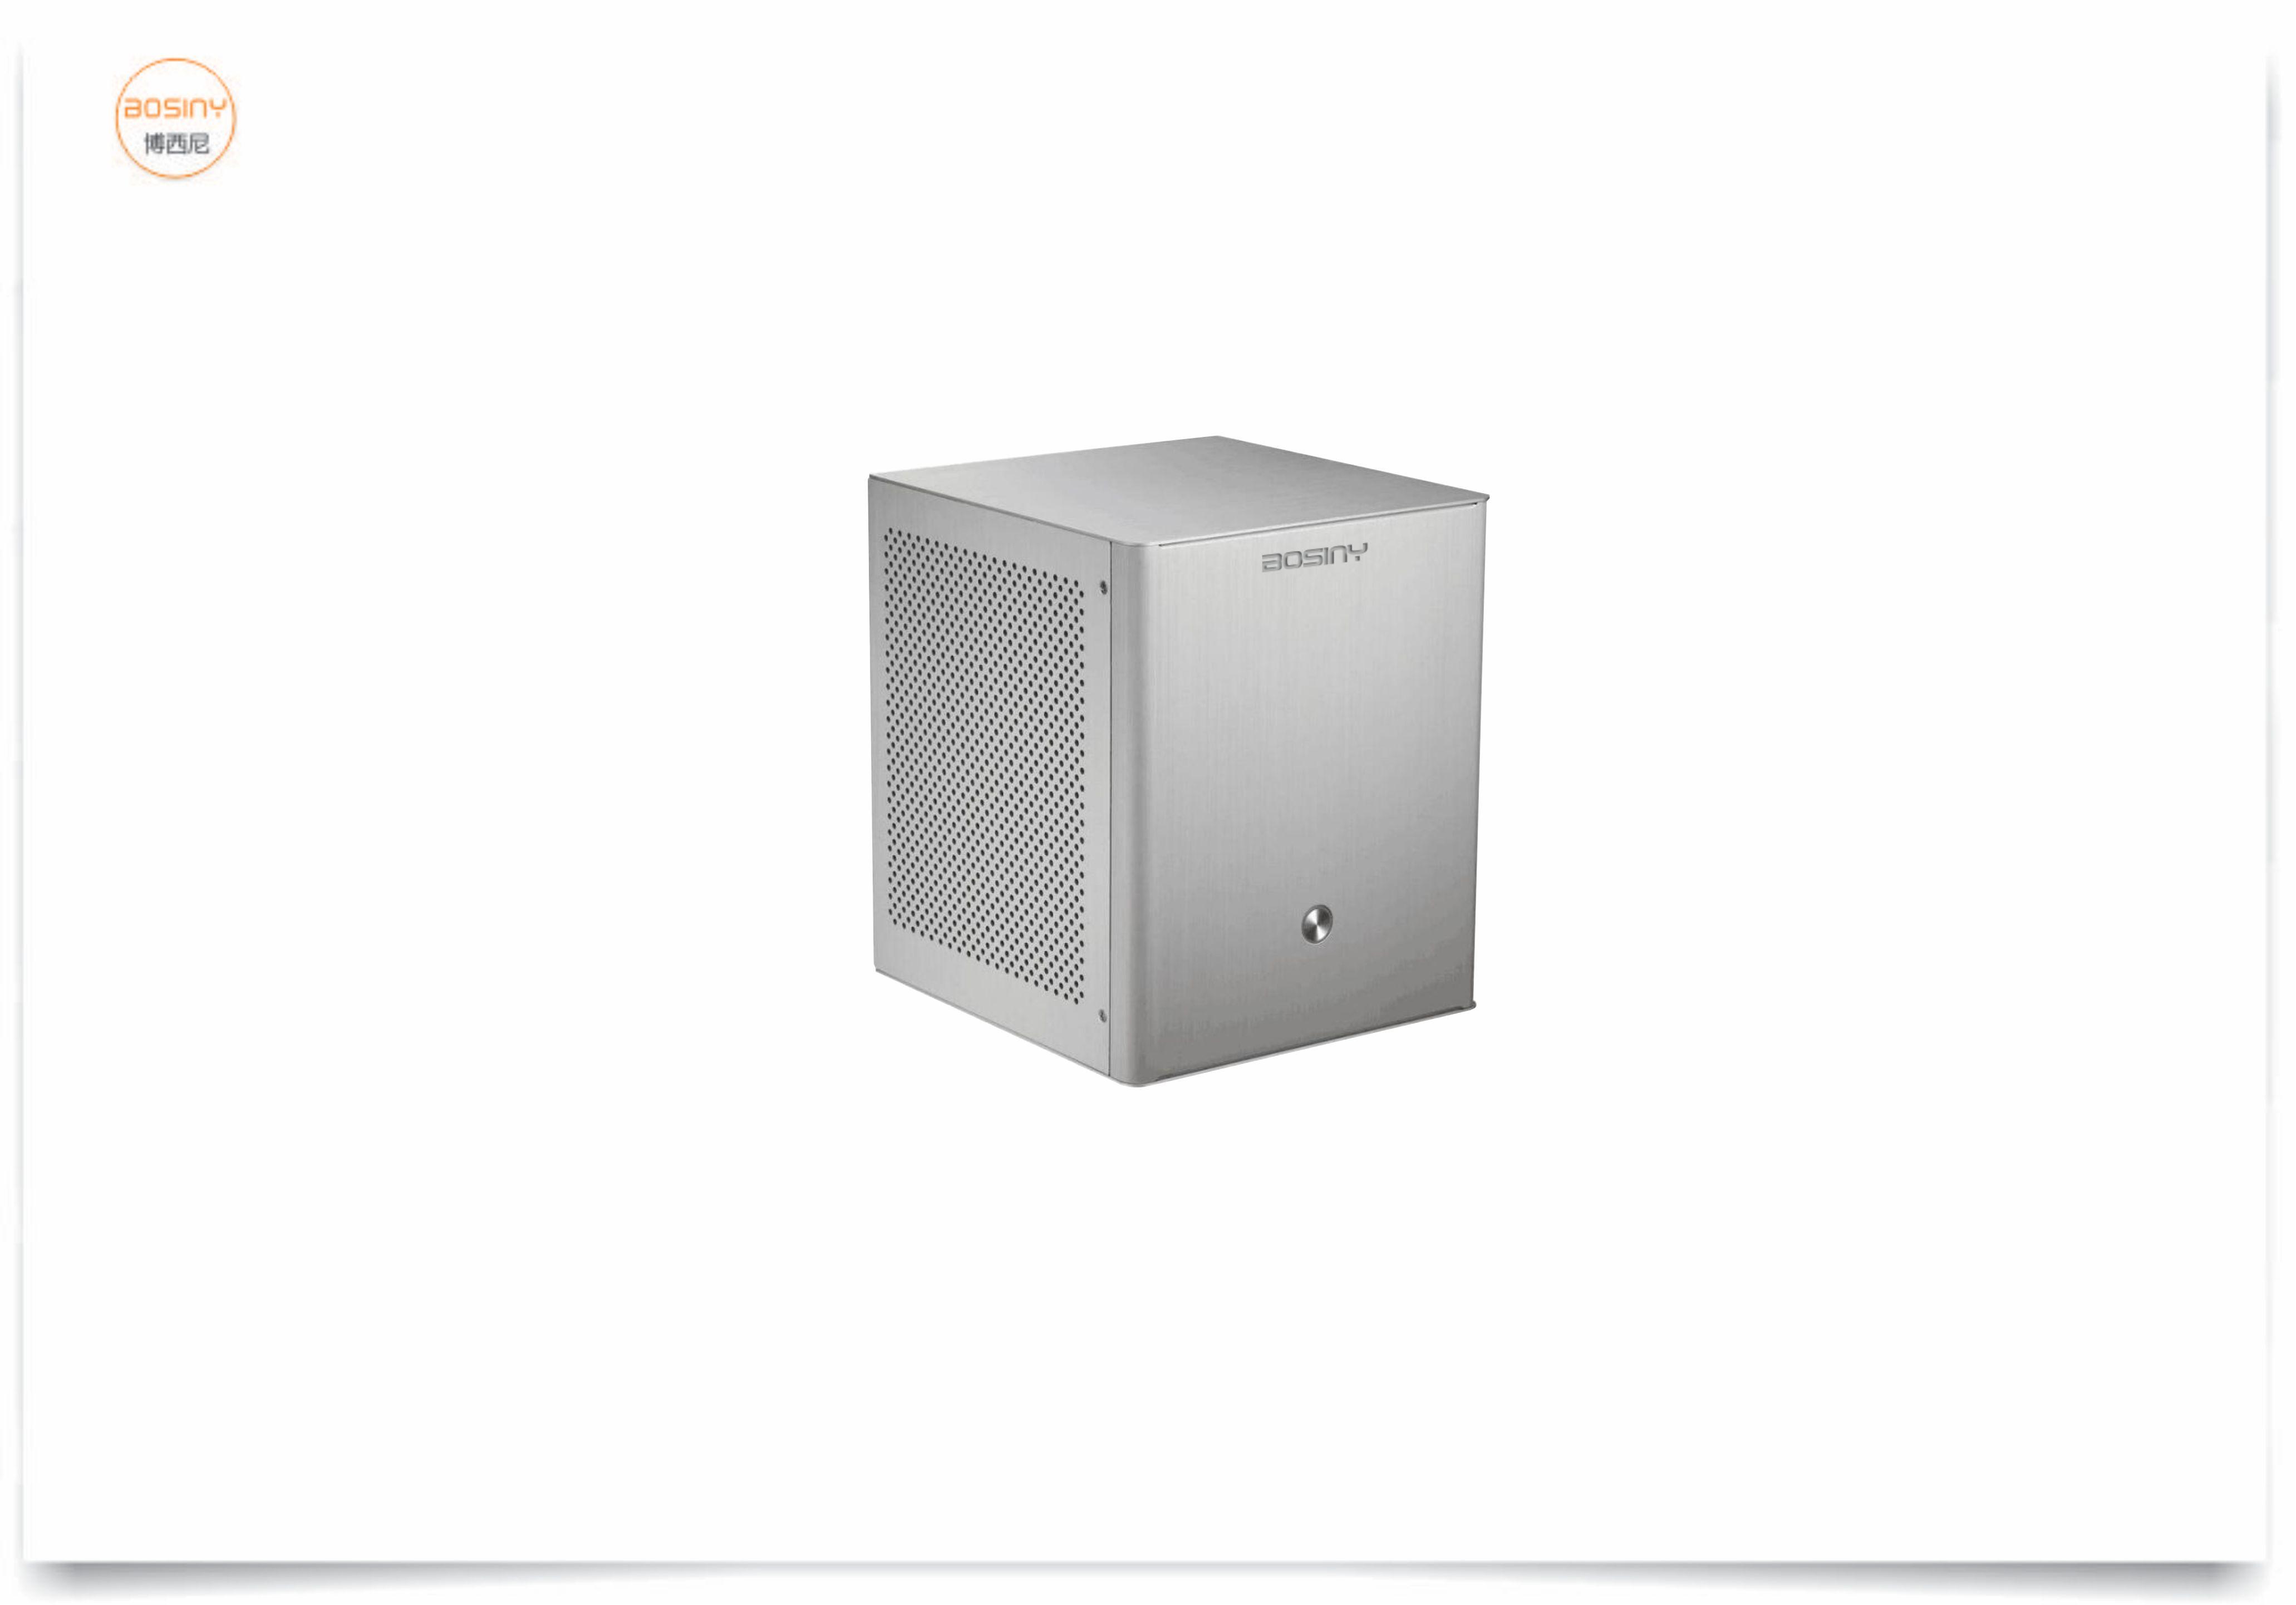 视频流高速面部分析核心处理器BSN-FRD1000